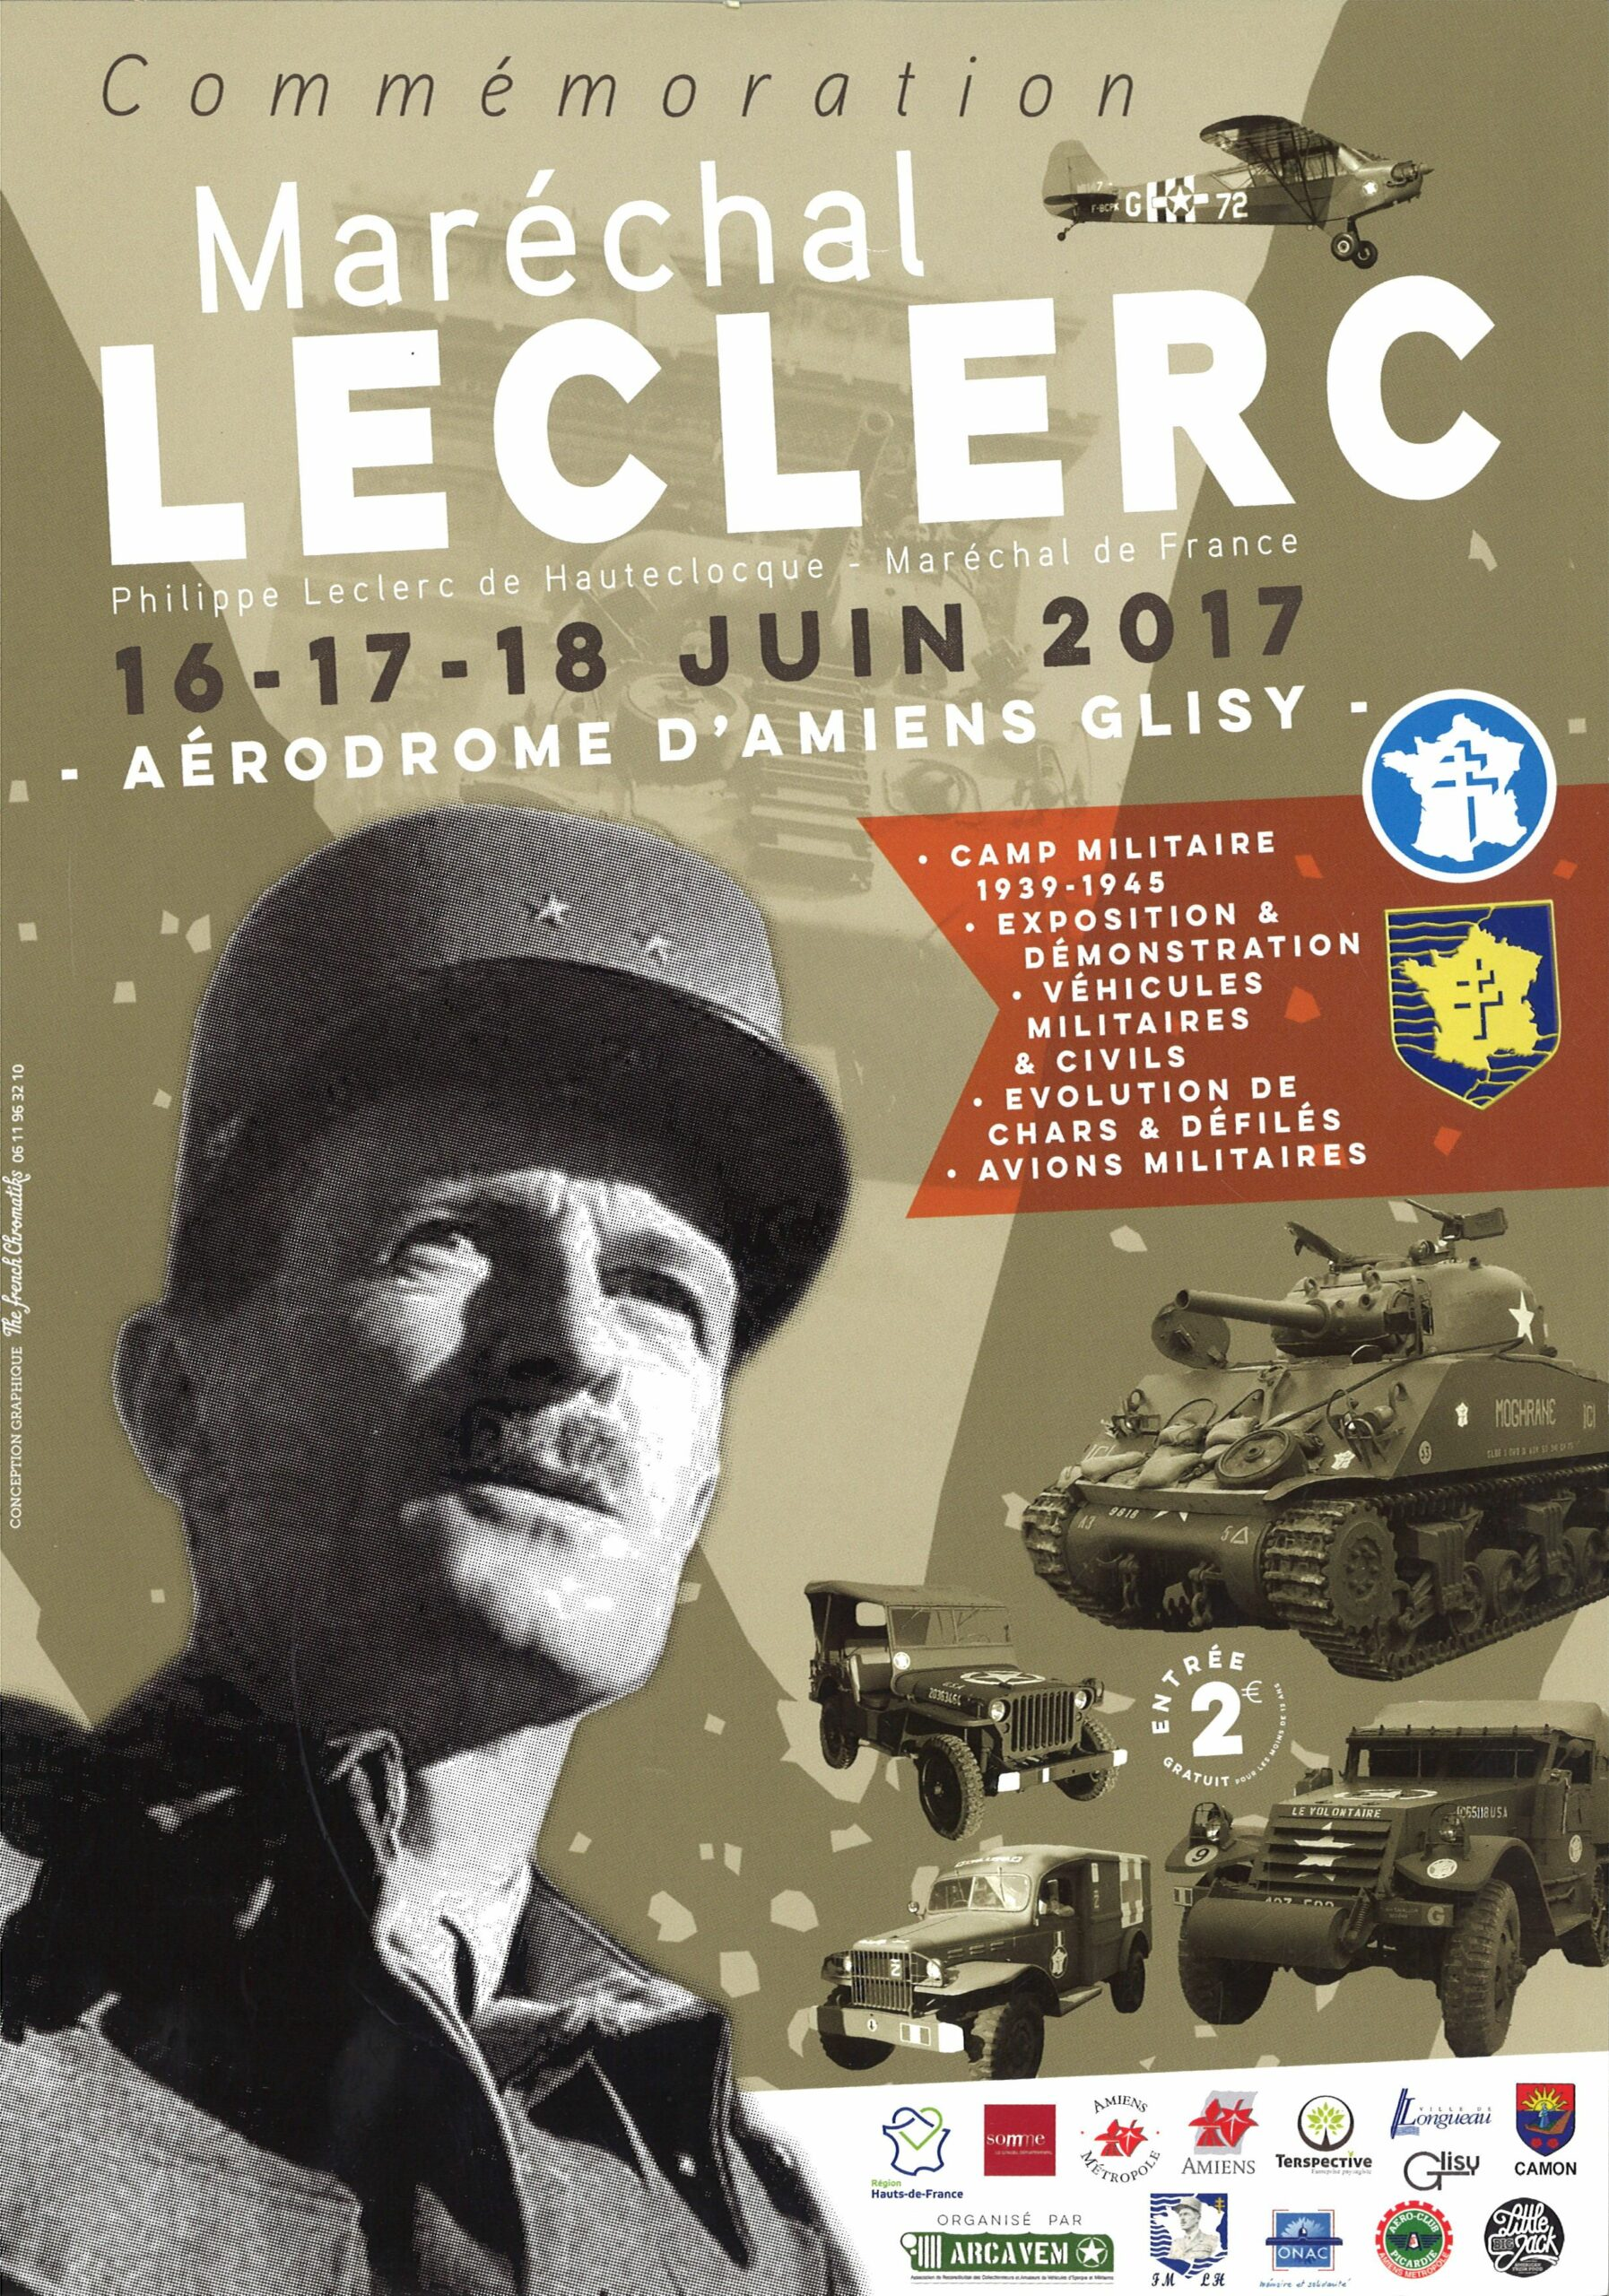 Commémoration du maréchal Leclerc (16-18 juin 2017)